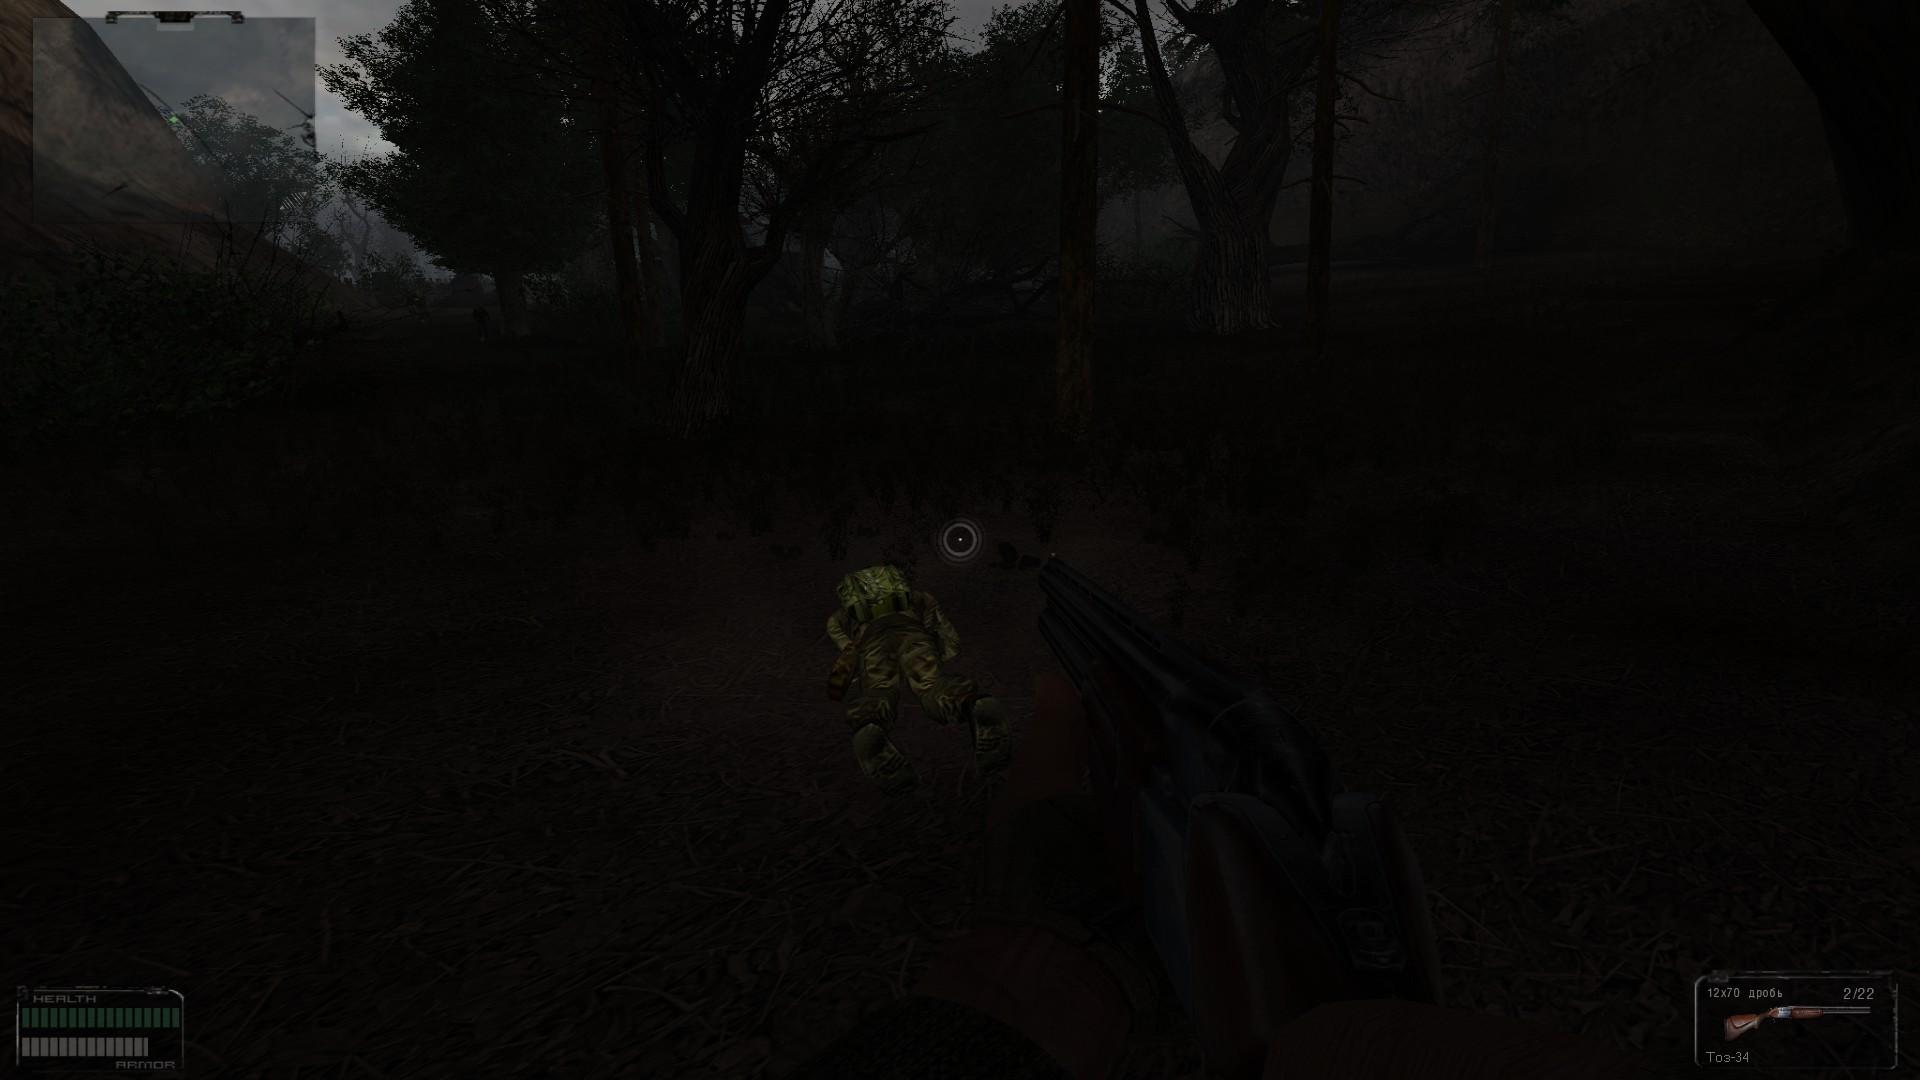 Oblivion Lost Remake 2.5 image 28